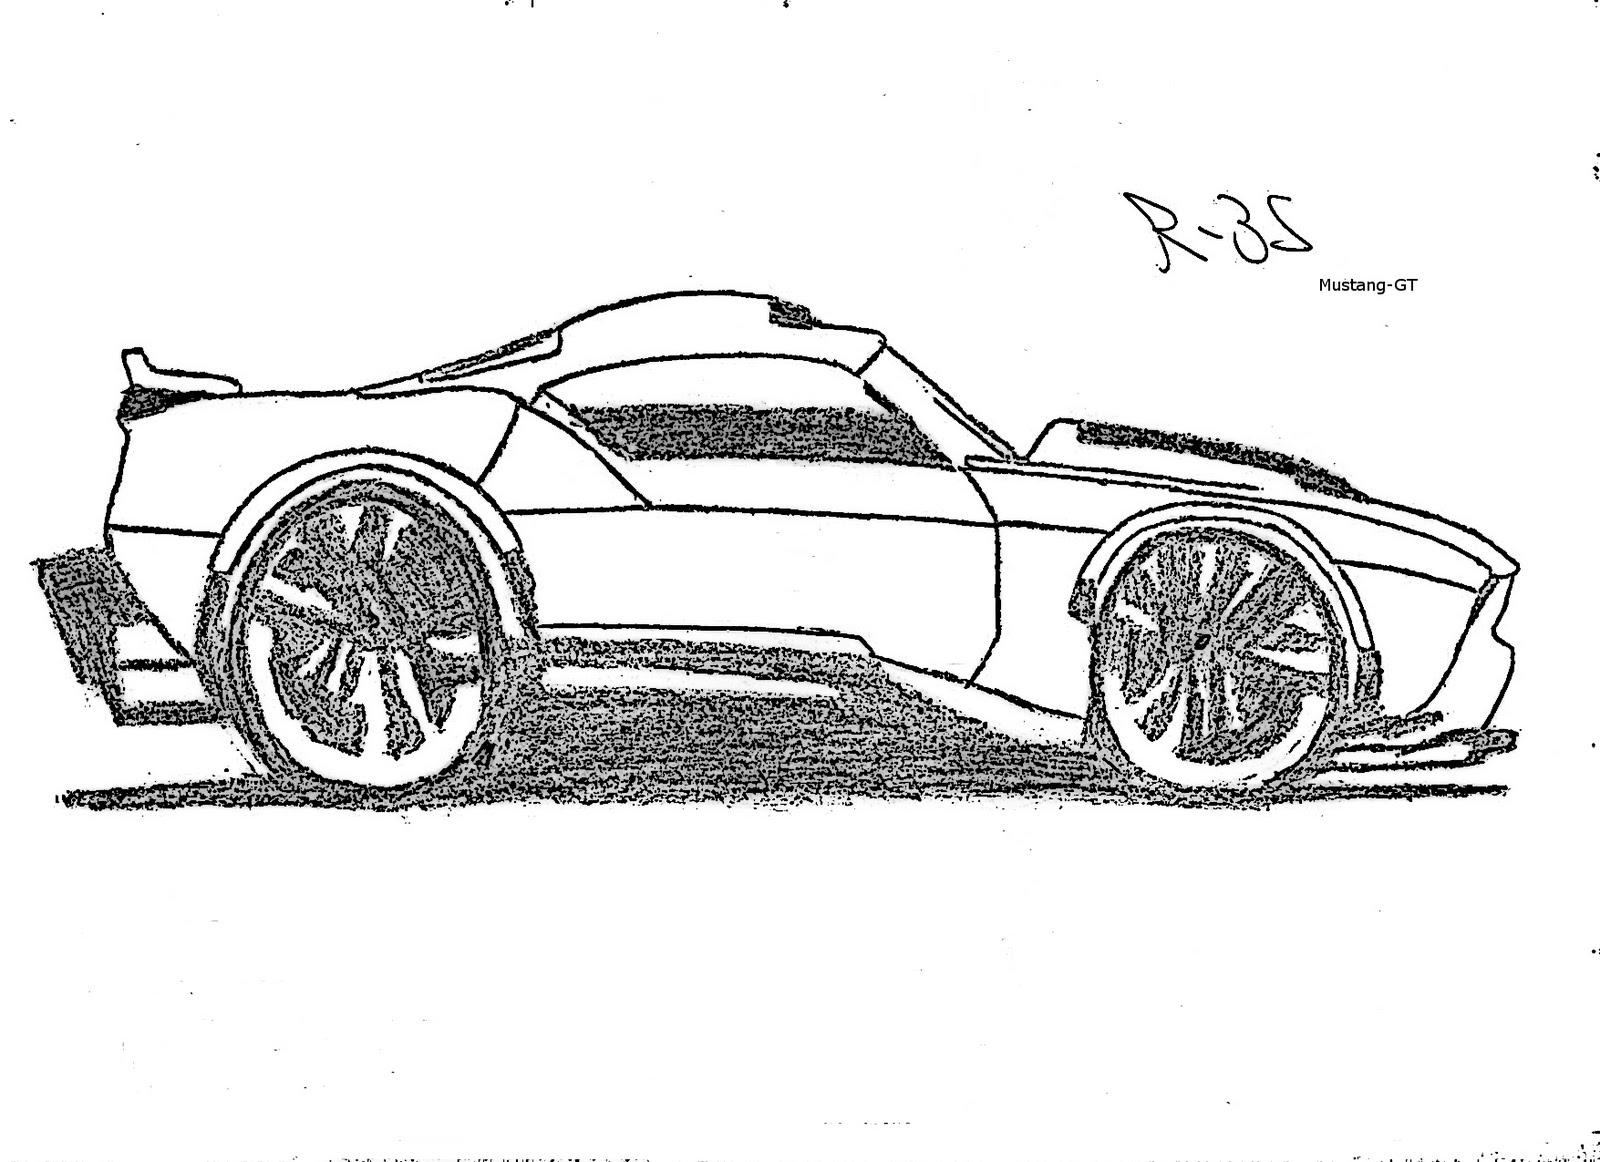 Rene Bkt Montagens E Desenhos Mustang Gt